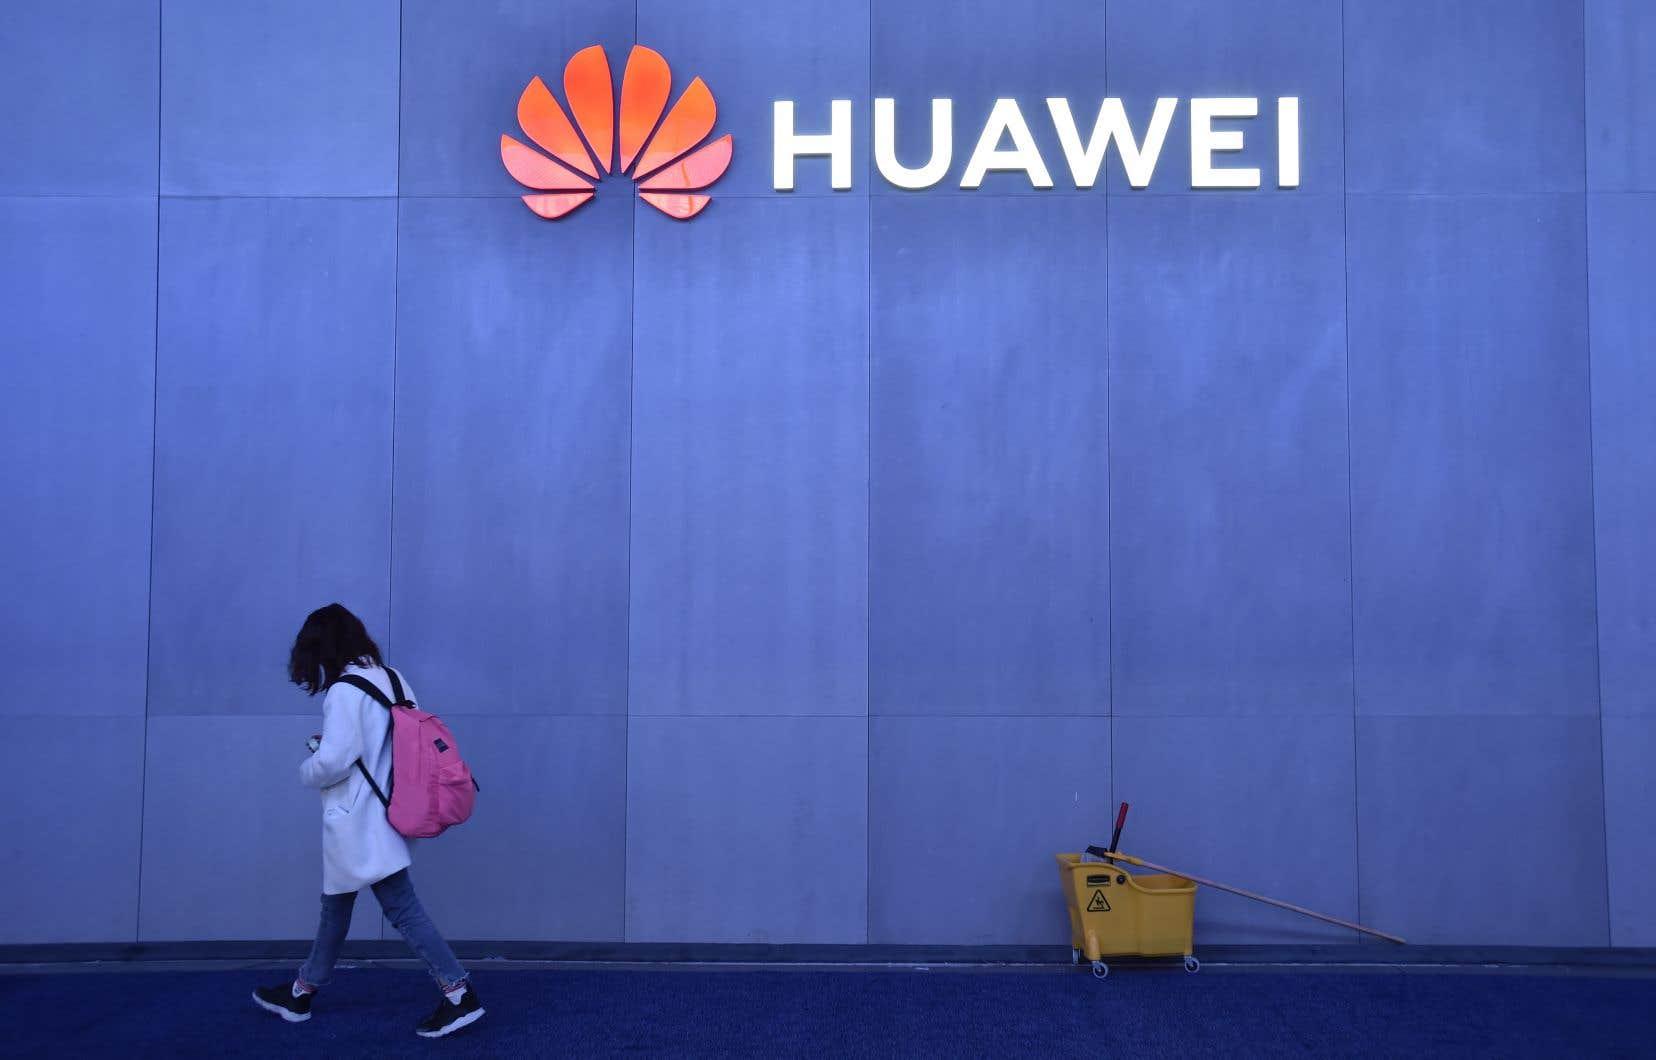 L'arrestation de la dirigeante de Huawei a créé une crise diplomatique entre le Canada et la Chine.